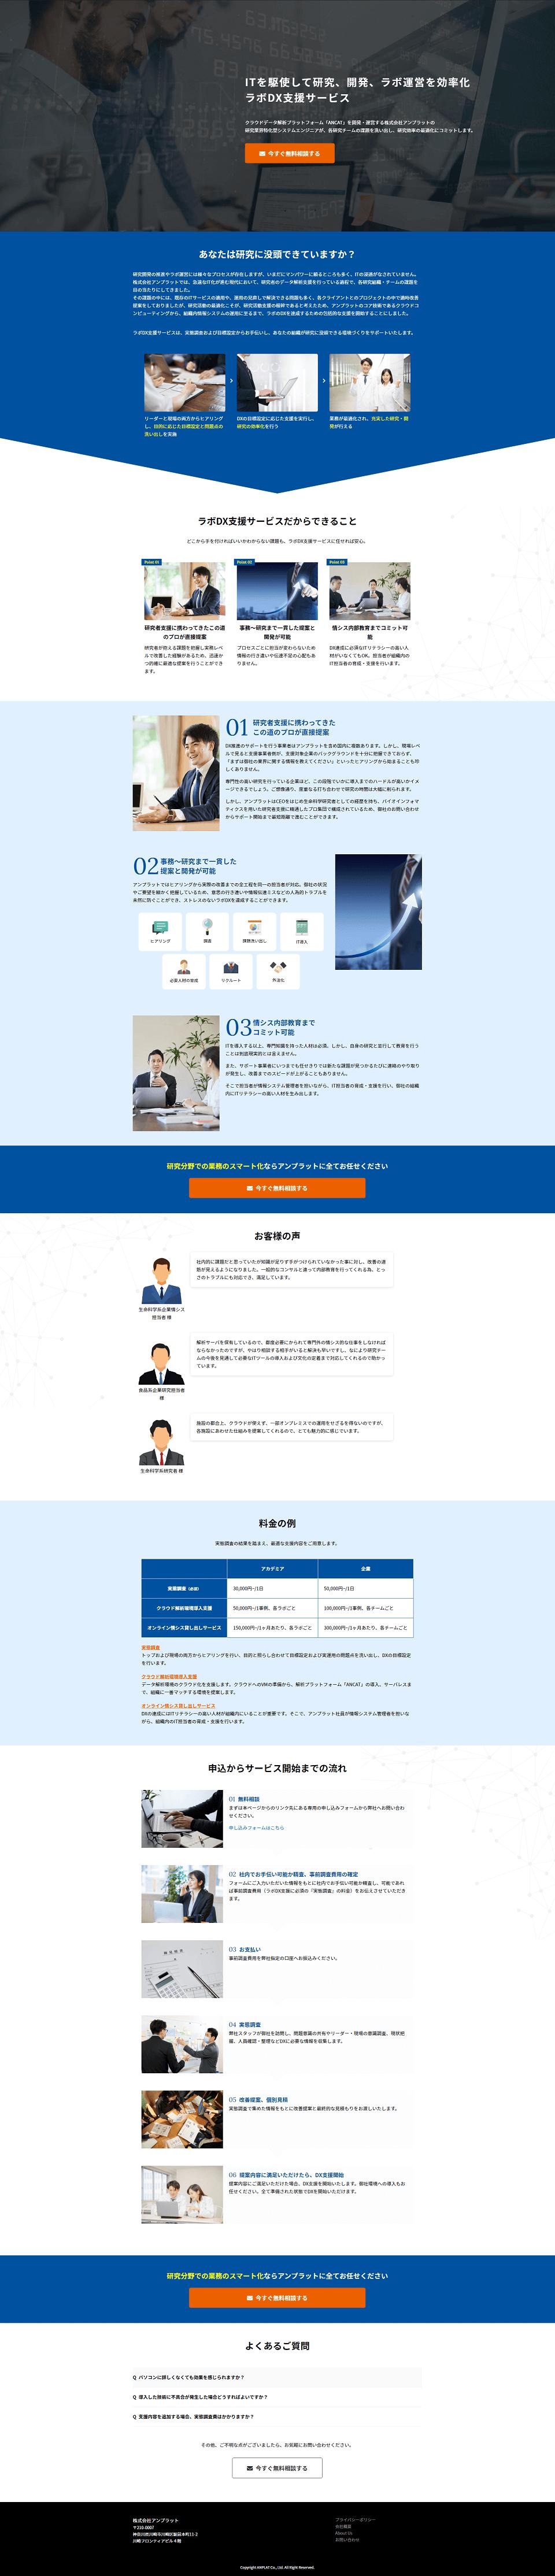 株式会社アンプラットランディングページ